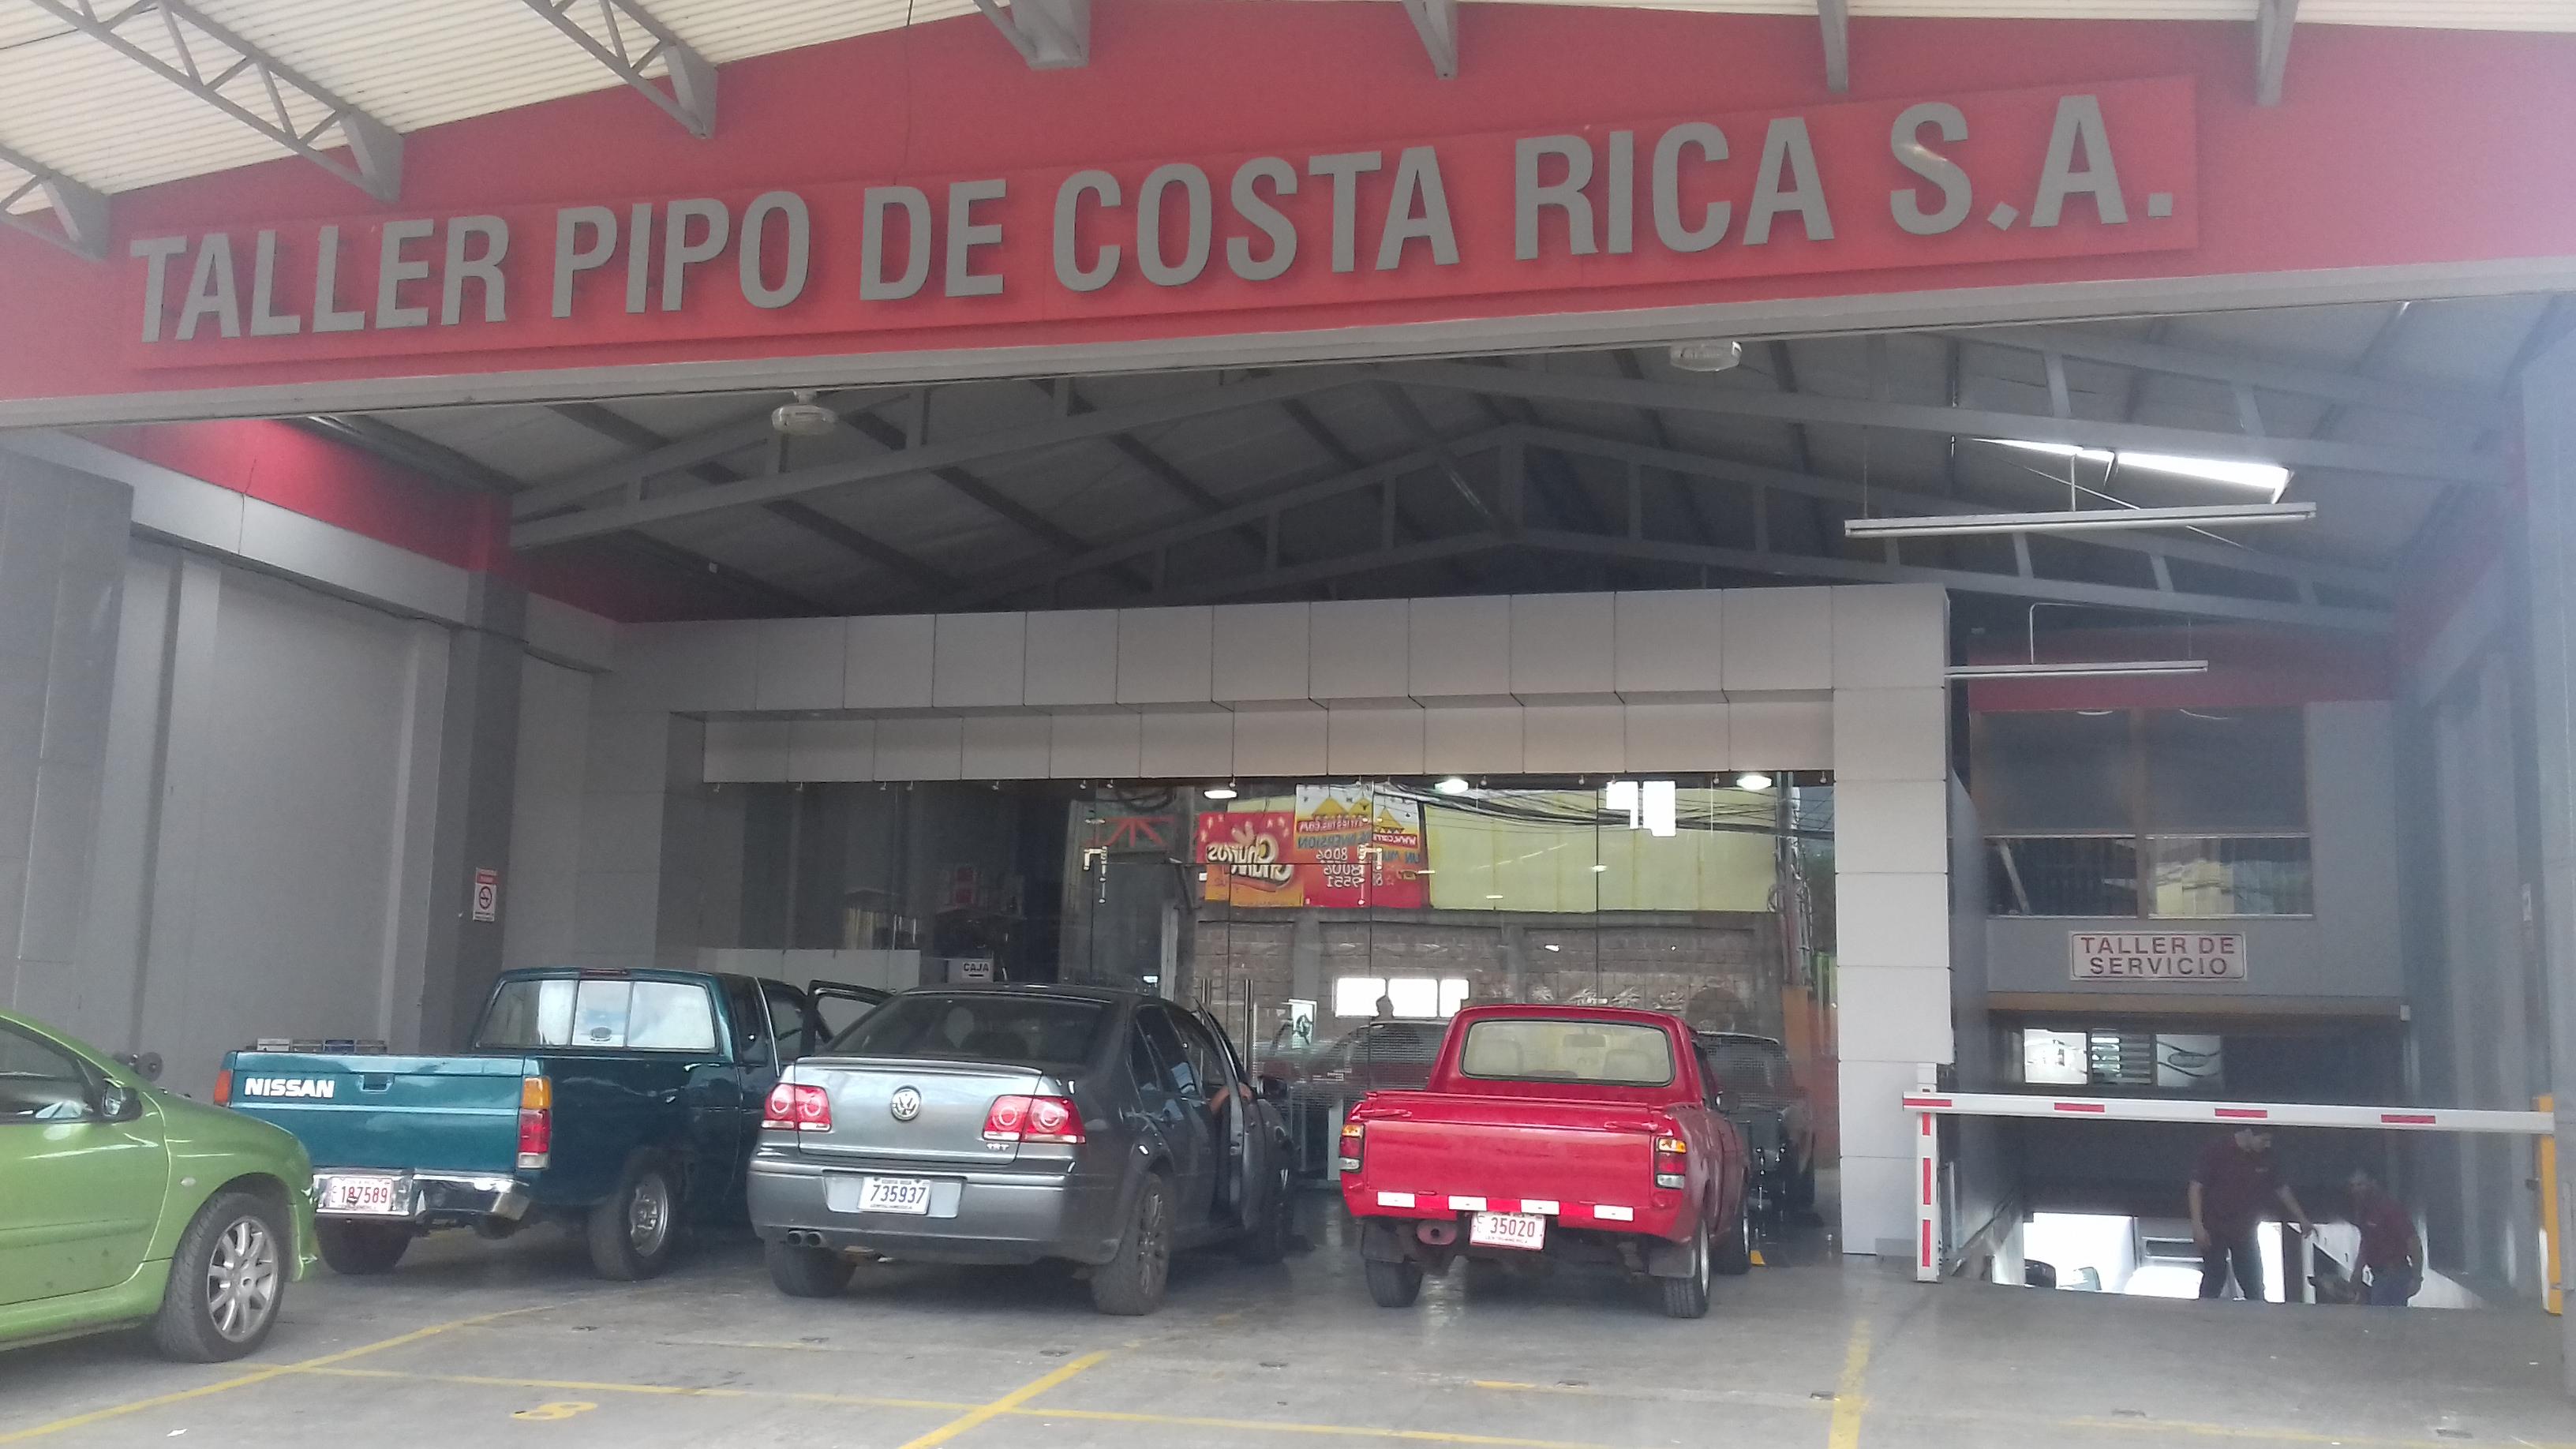 taller pipo Logo photo - 1